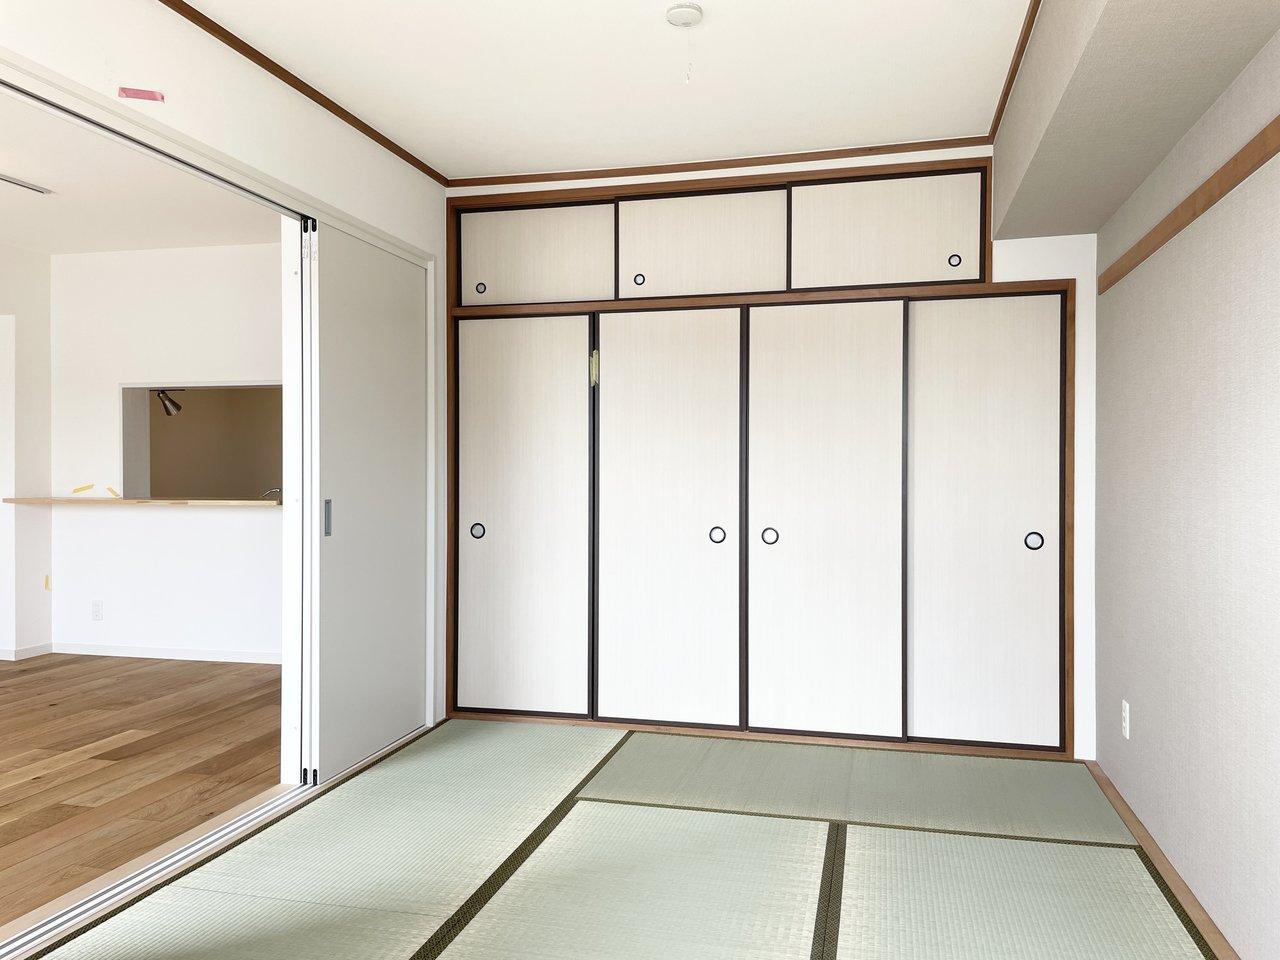 そのお隣に、引き戸で仕切った6畳の部屋。あえて和室を選び、ゴロゴロ寛いで過ごしたいという方も多いです。